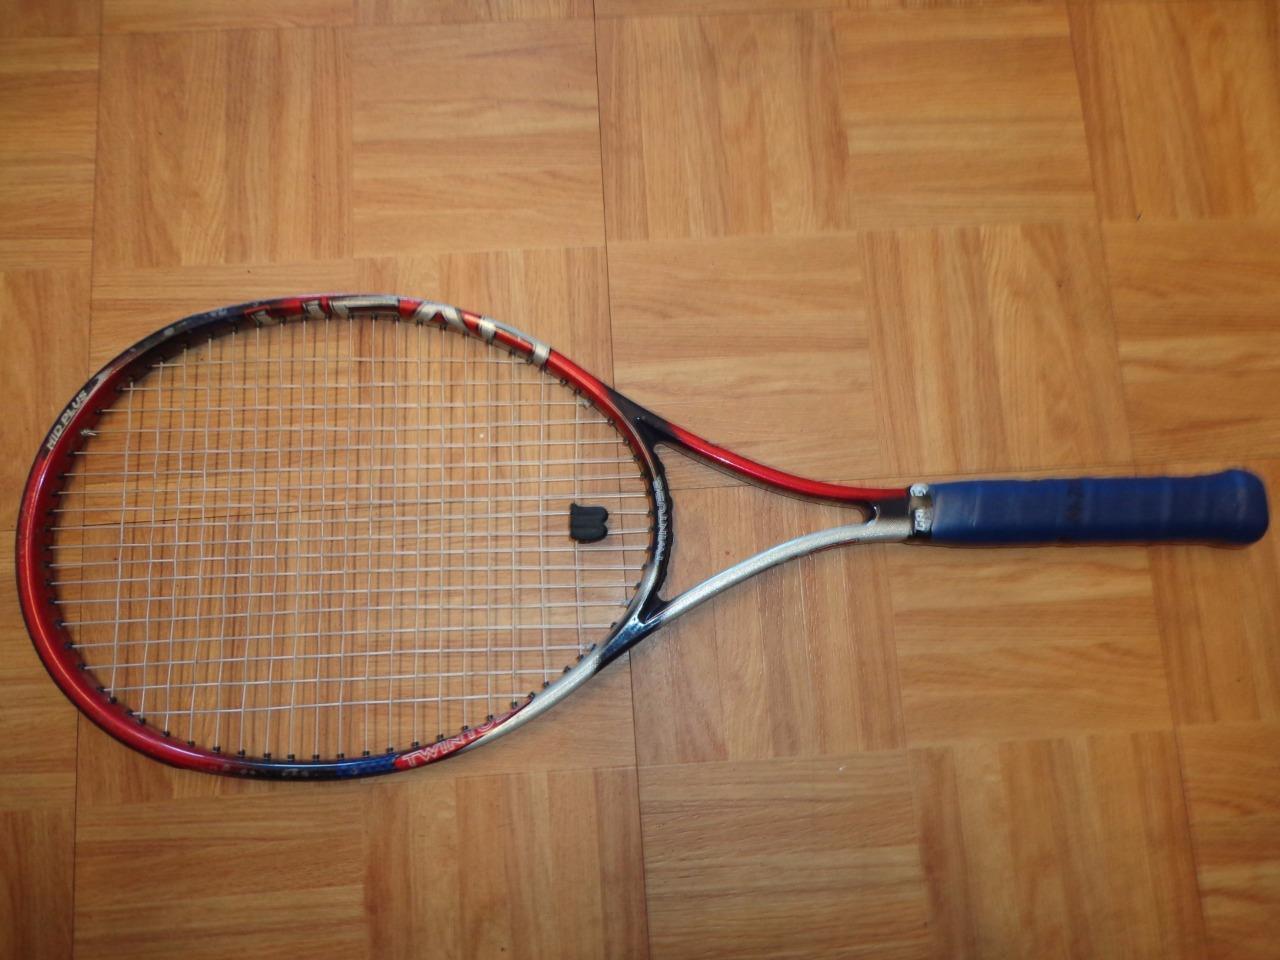 Head Satellite Tour XL 102 head 4 1 4 grip made in austria Tennis Racquet